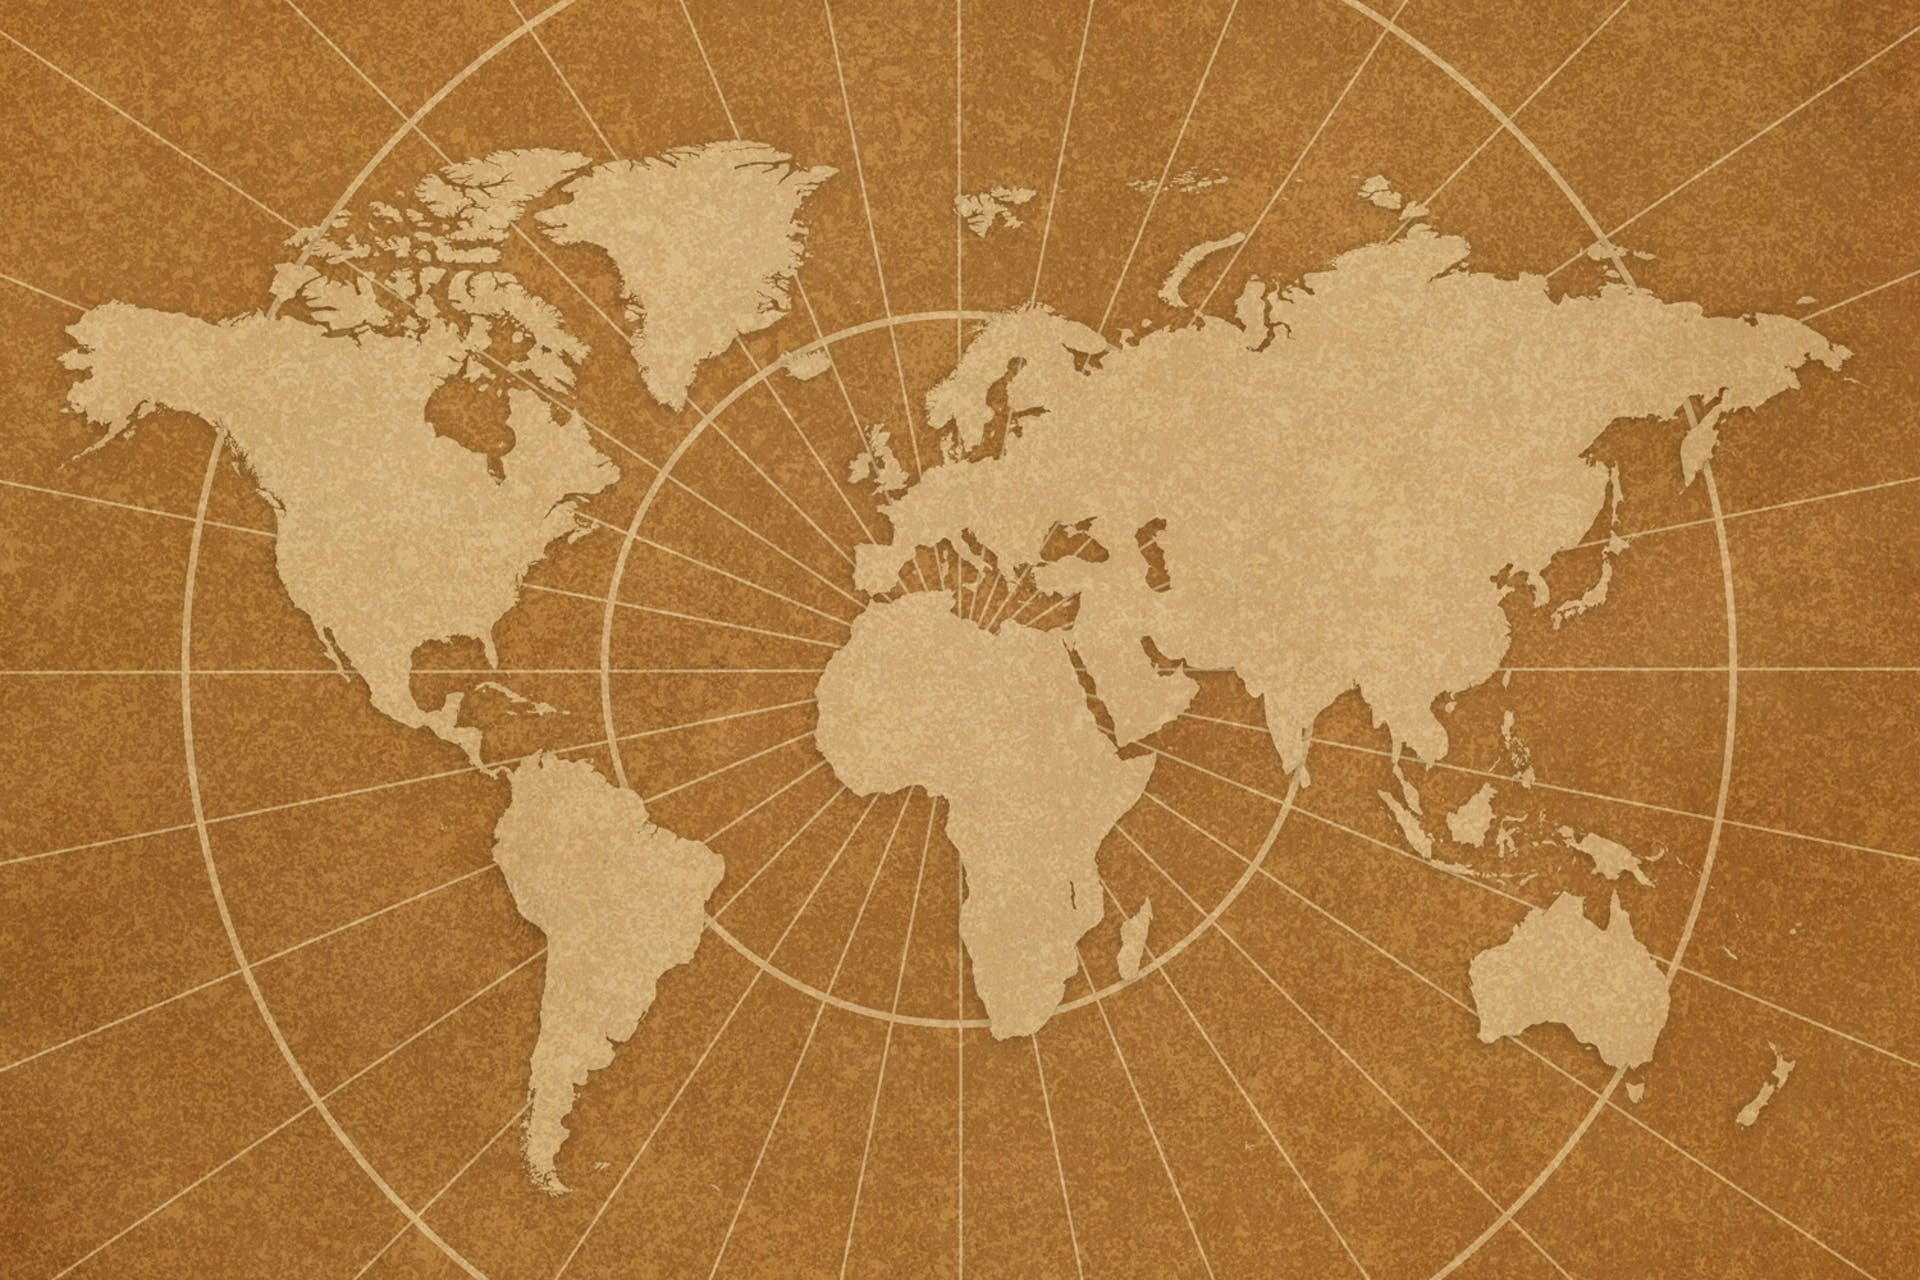 Verdenshave Hvor Har Verdensdelene Faet Deres Navne Fra Illvid Dk